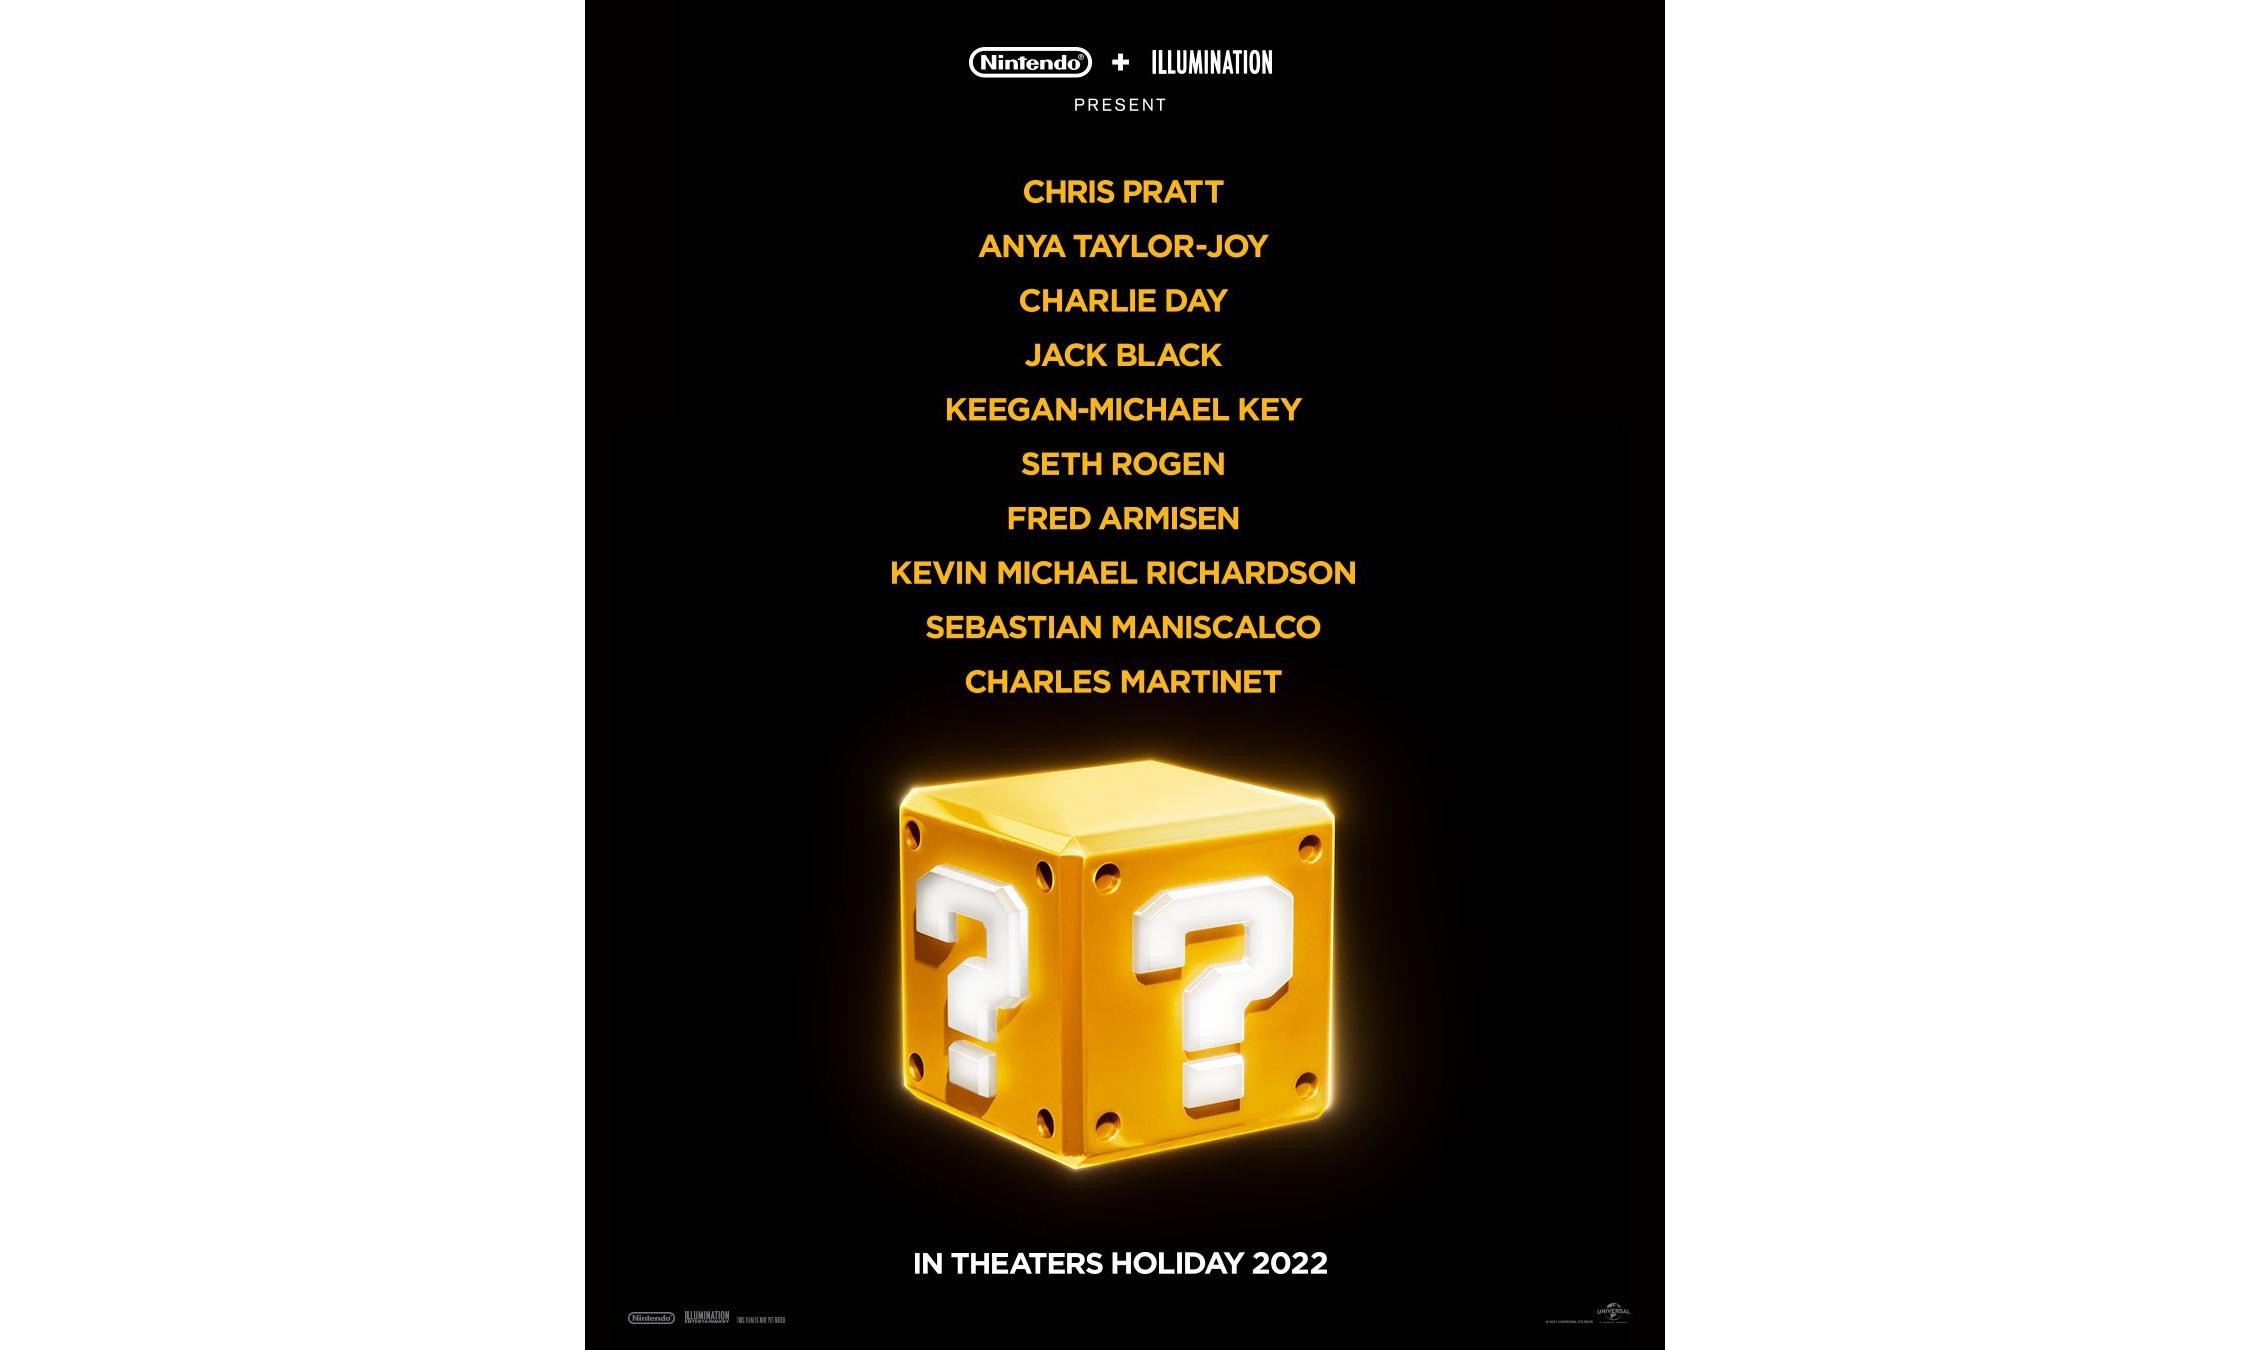 《马里奥》CG 动画电影今年 12 月上映,「星爵」配音马里奥